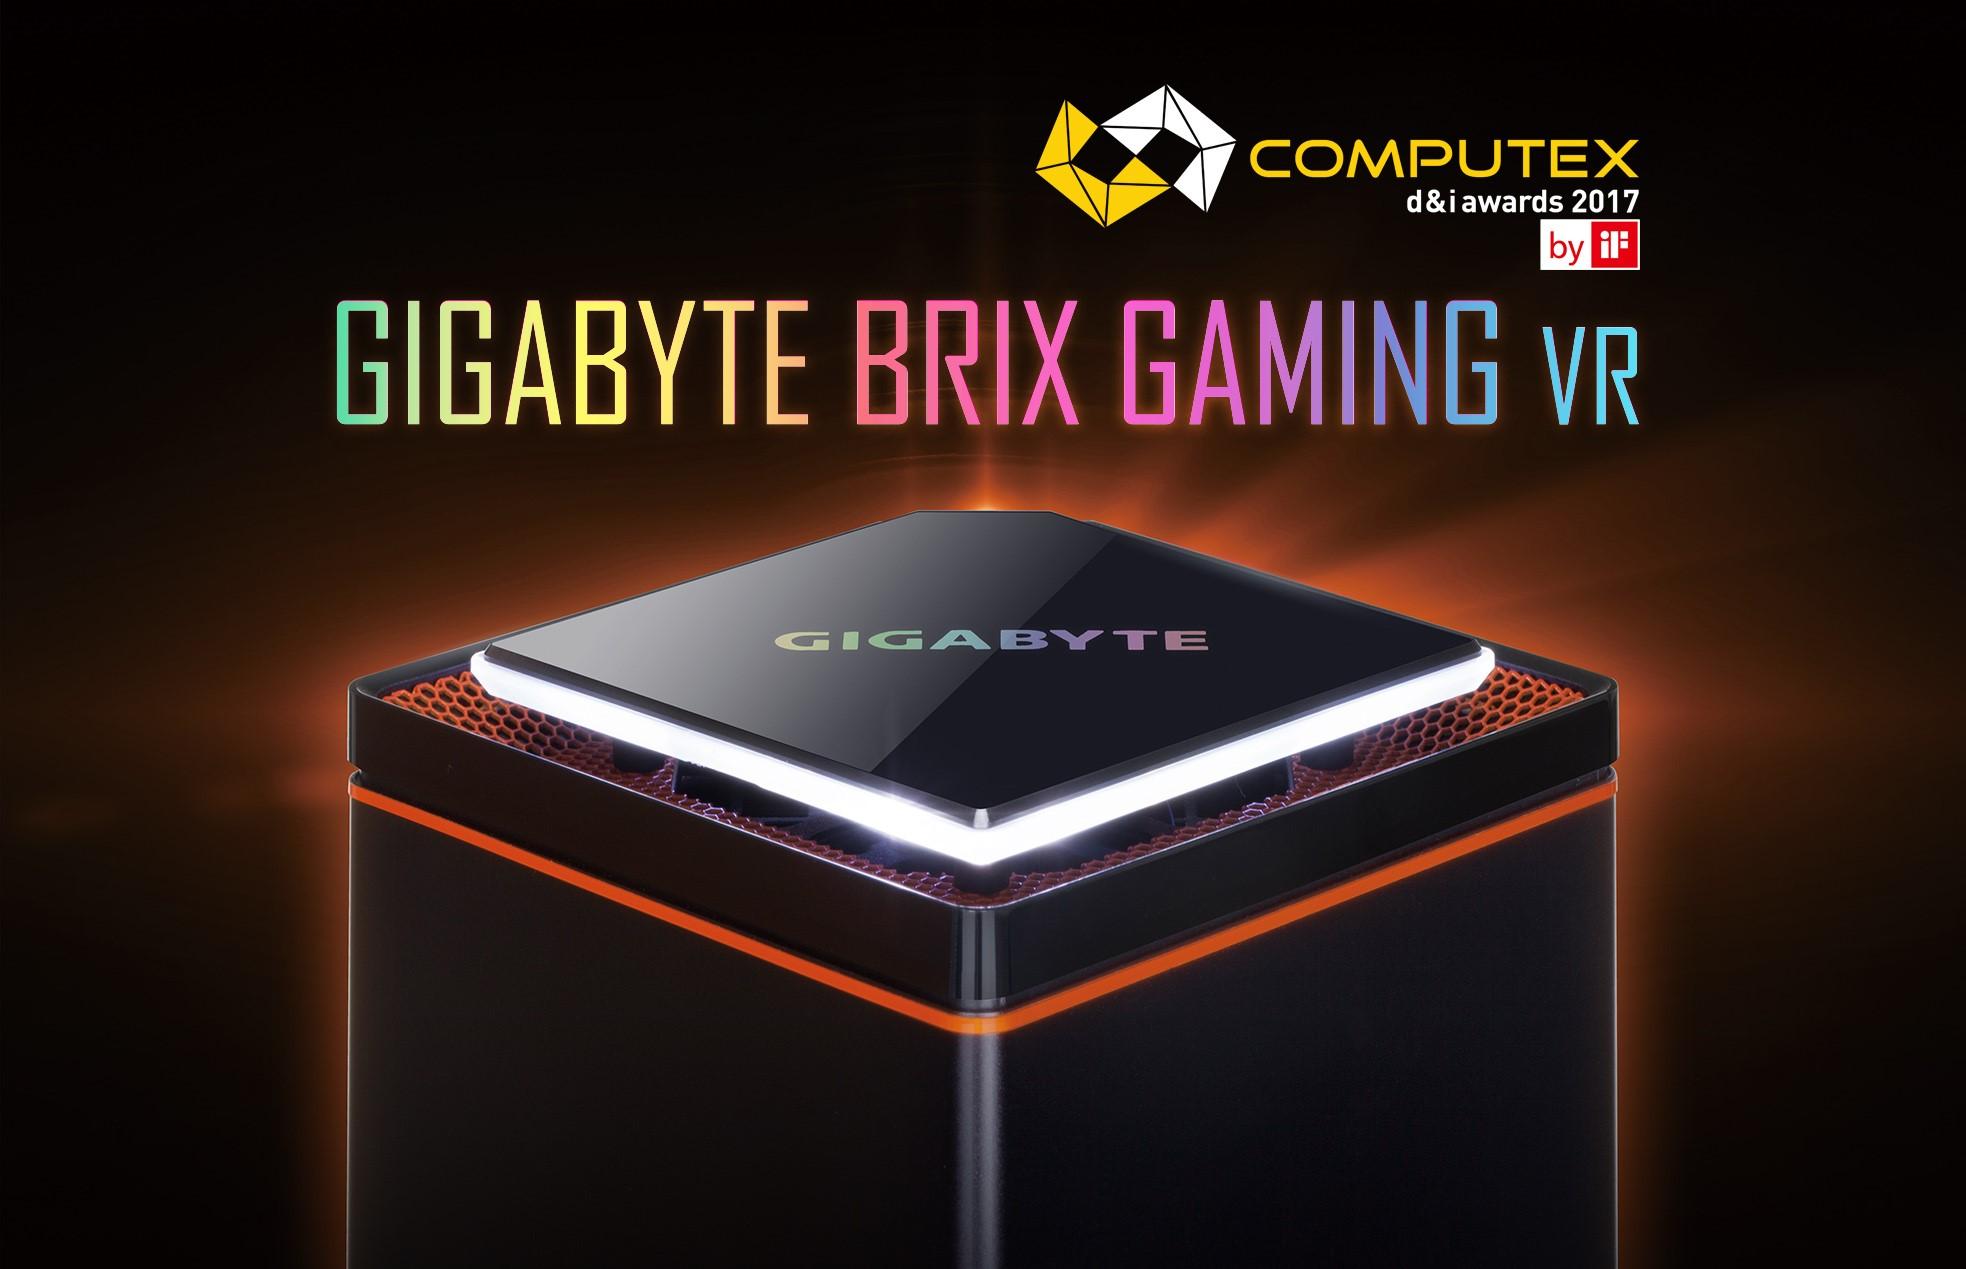 Willkommen zu den GIGABYTE Aktionen und Informationen gigabyte brix vr